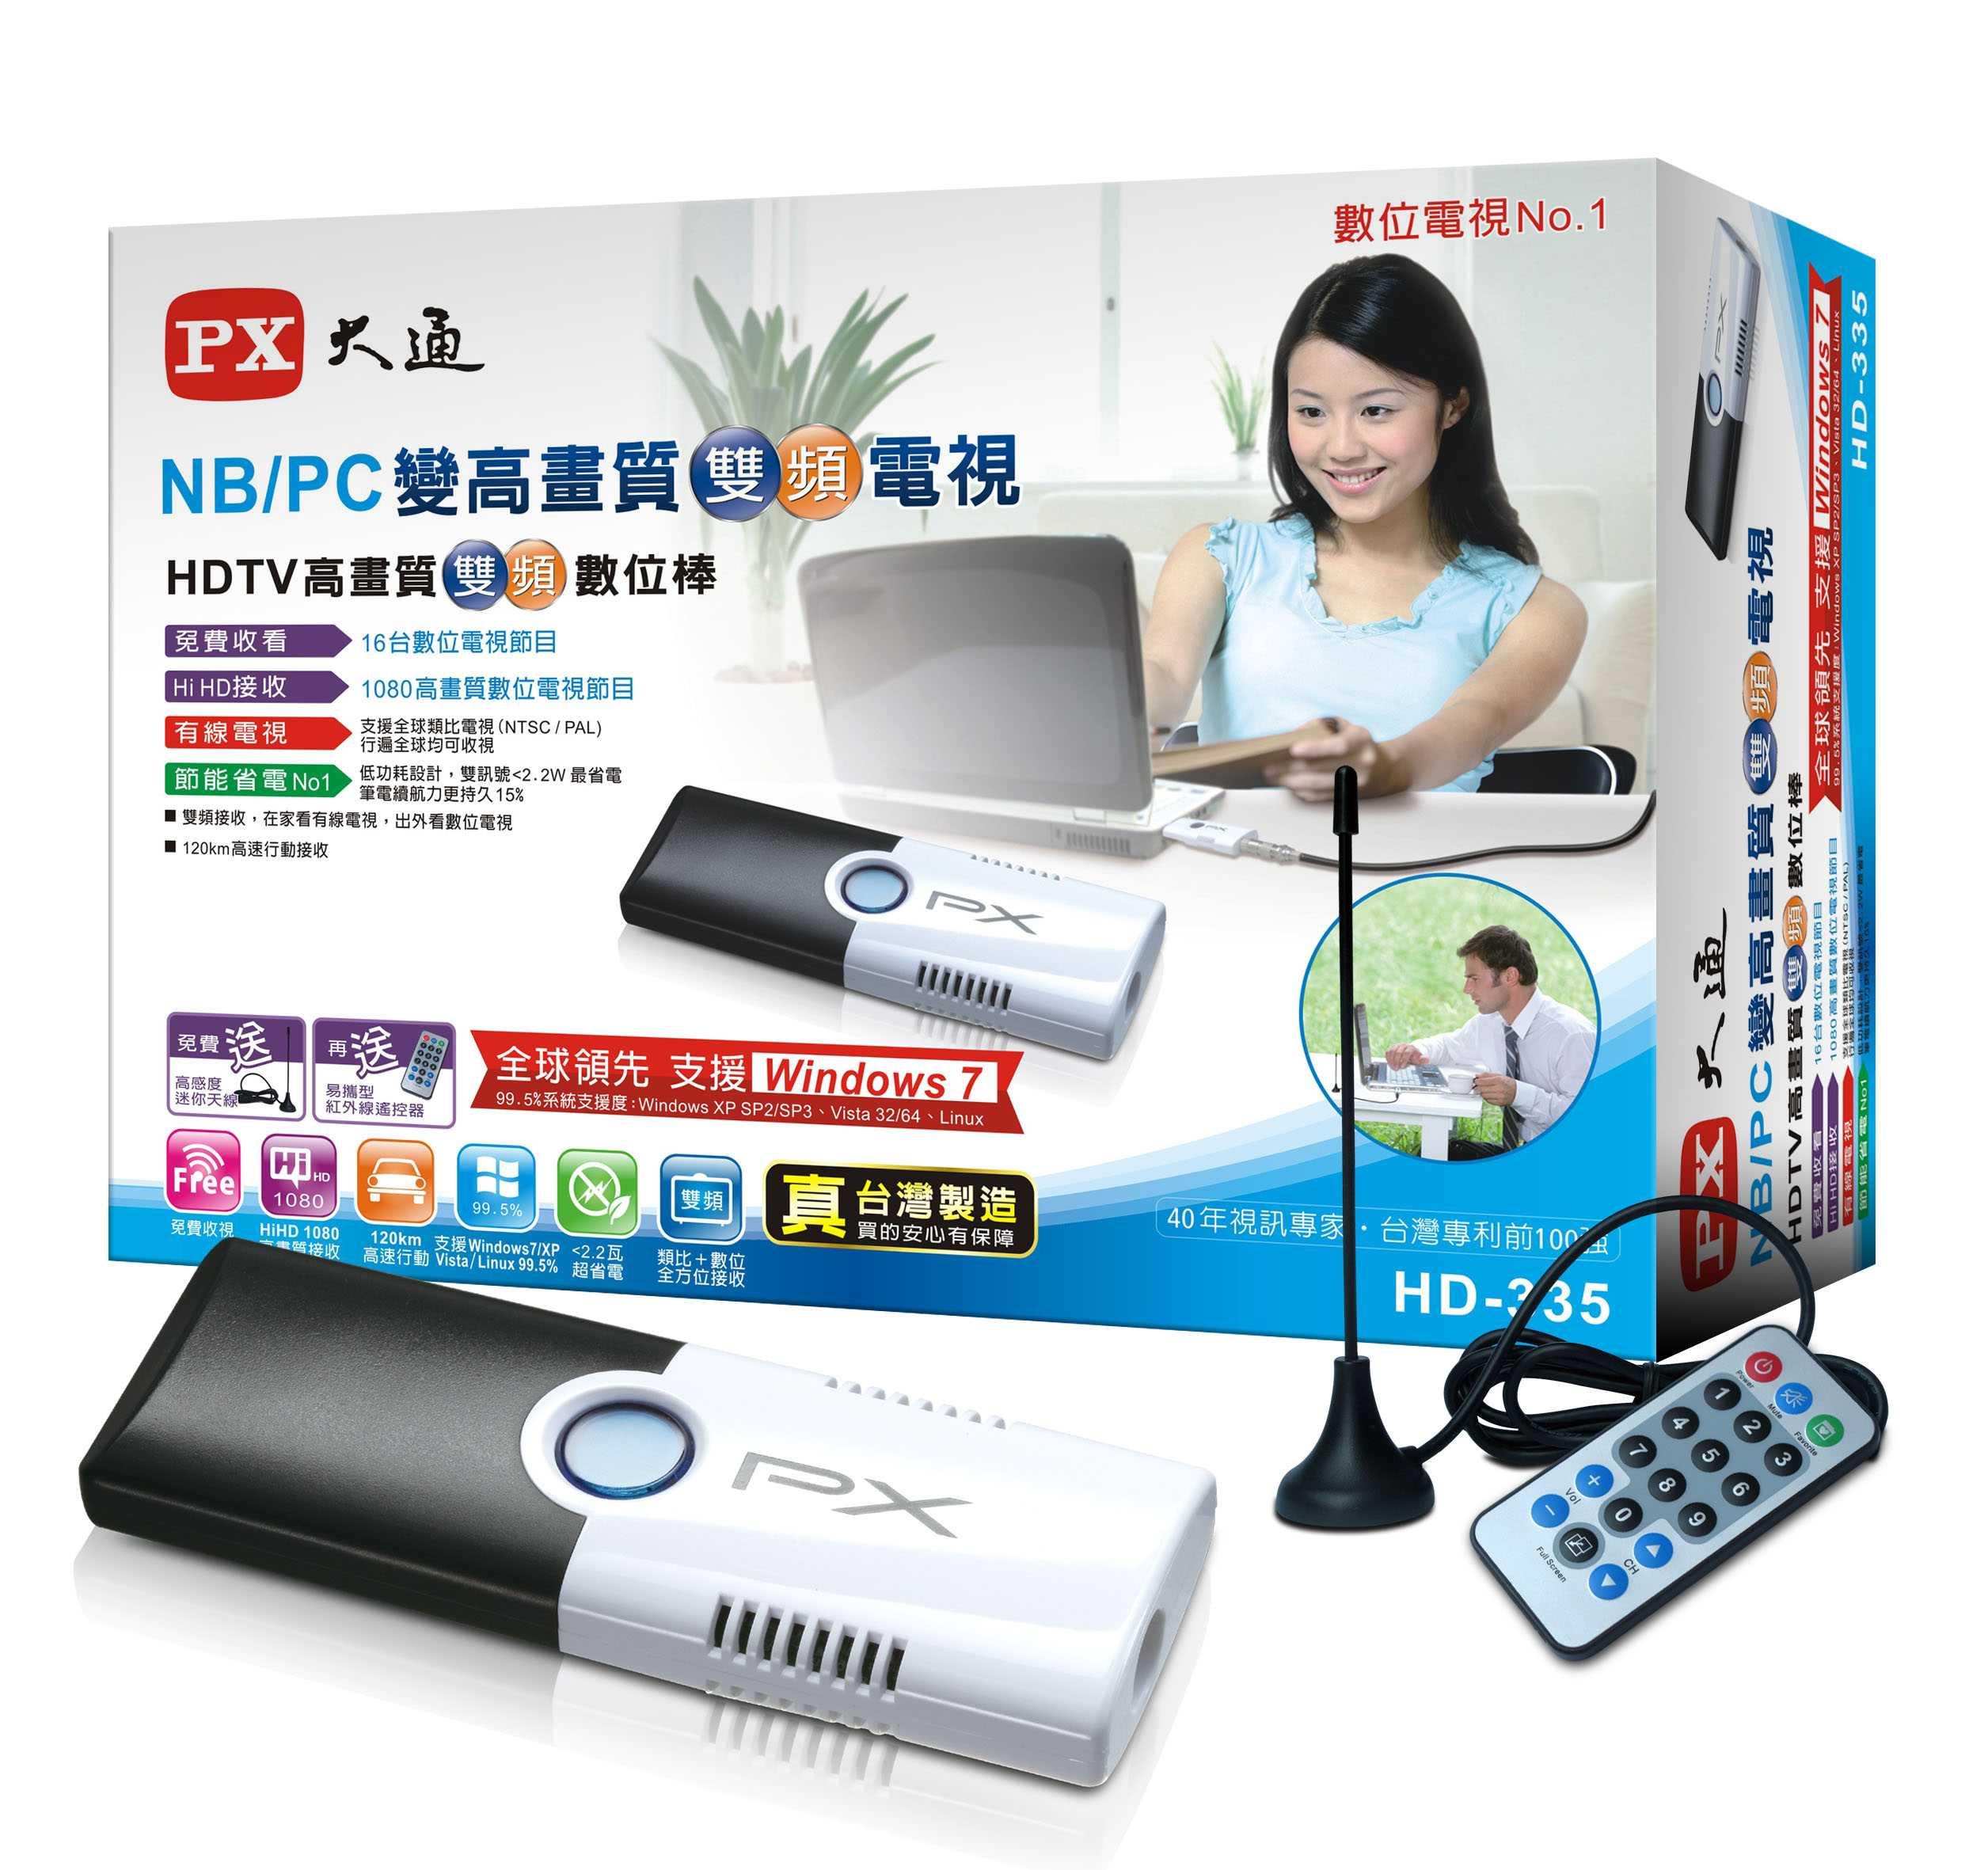 HD-335 HDTV高畫質雙頻數位棒